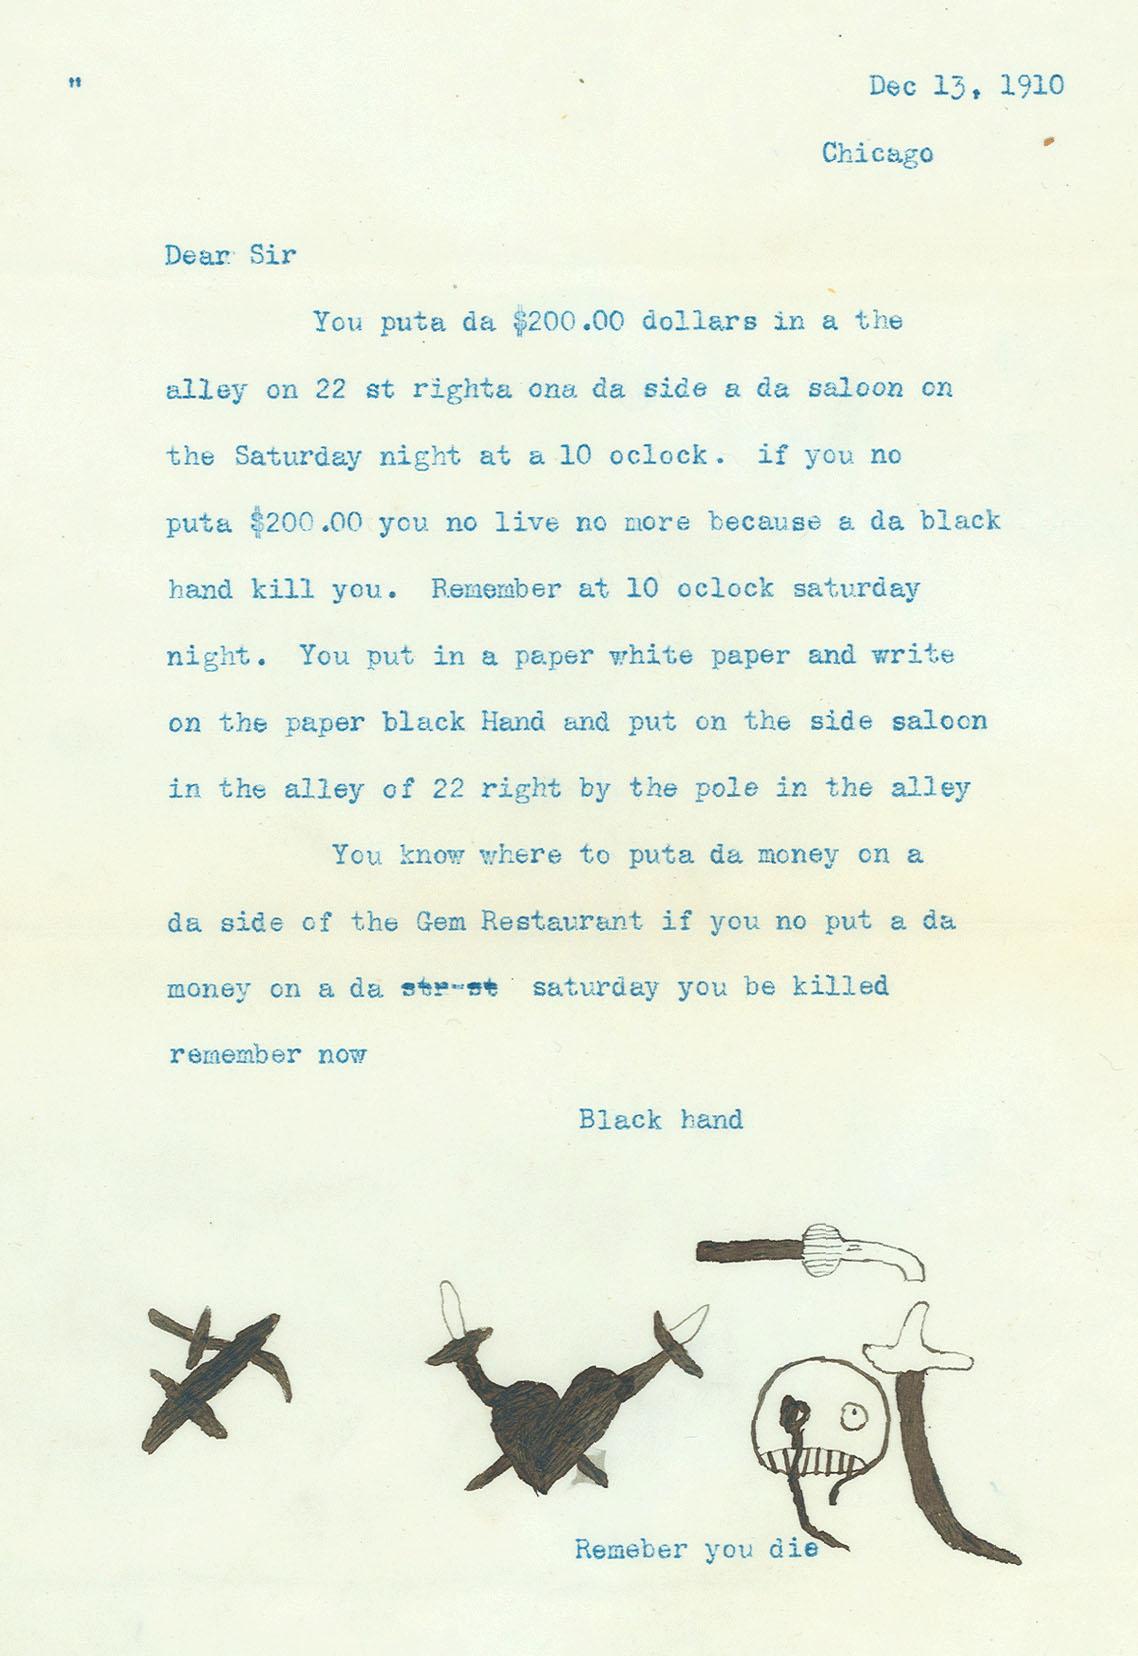 Black Hand Letter 1